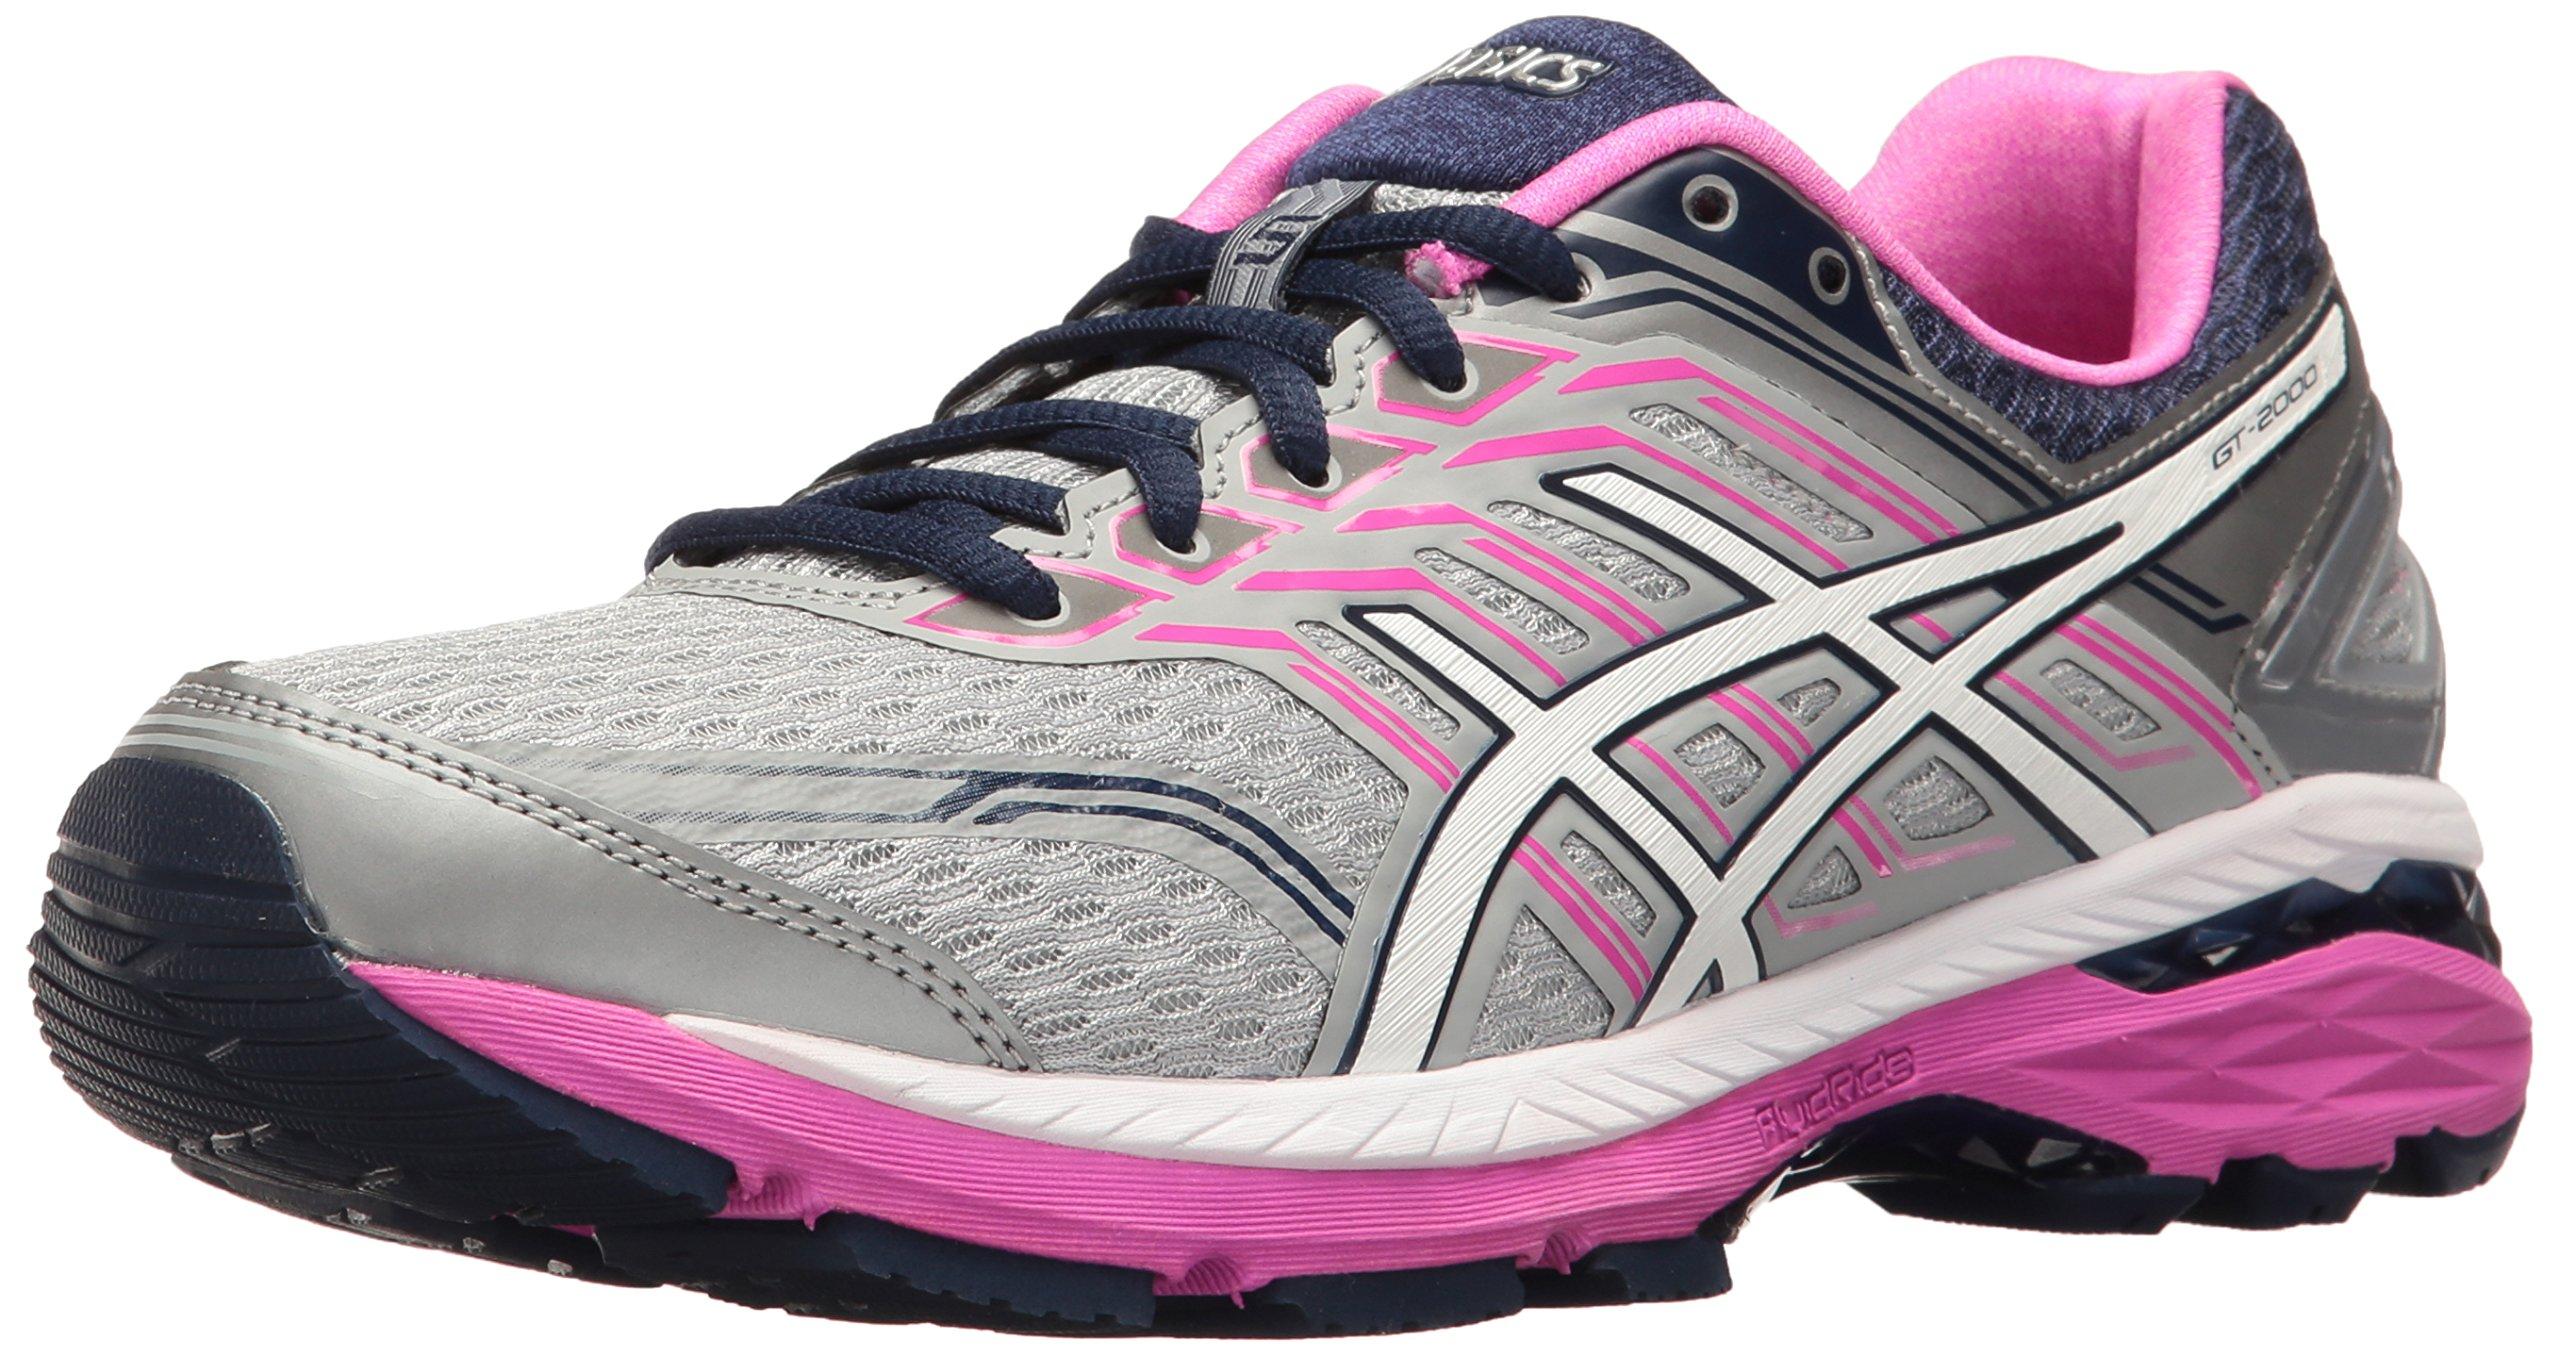 ASICS Women's GT-2000 5 Running Shoe, Mid Grey/White/Pink Glow, 8.5 M US